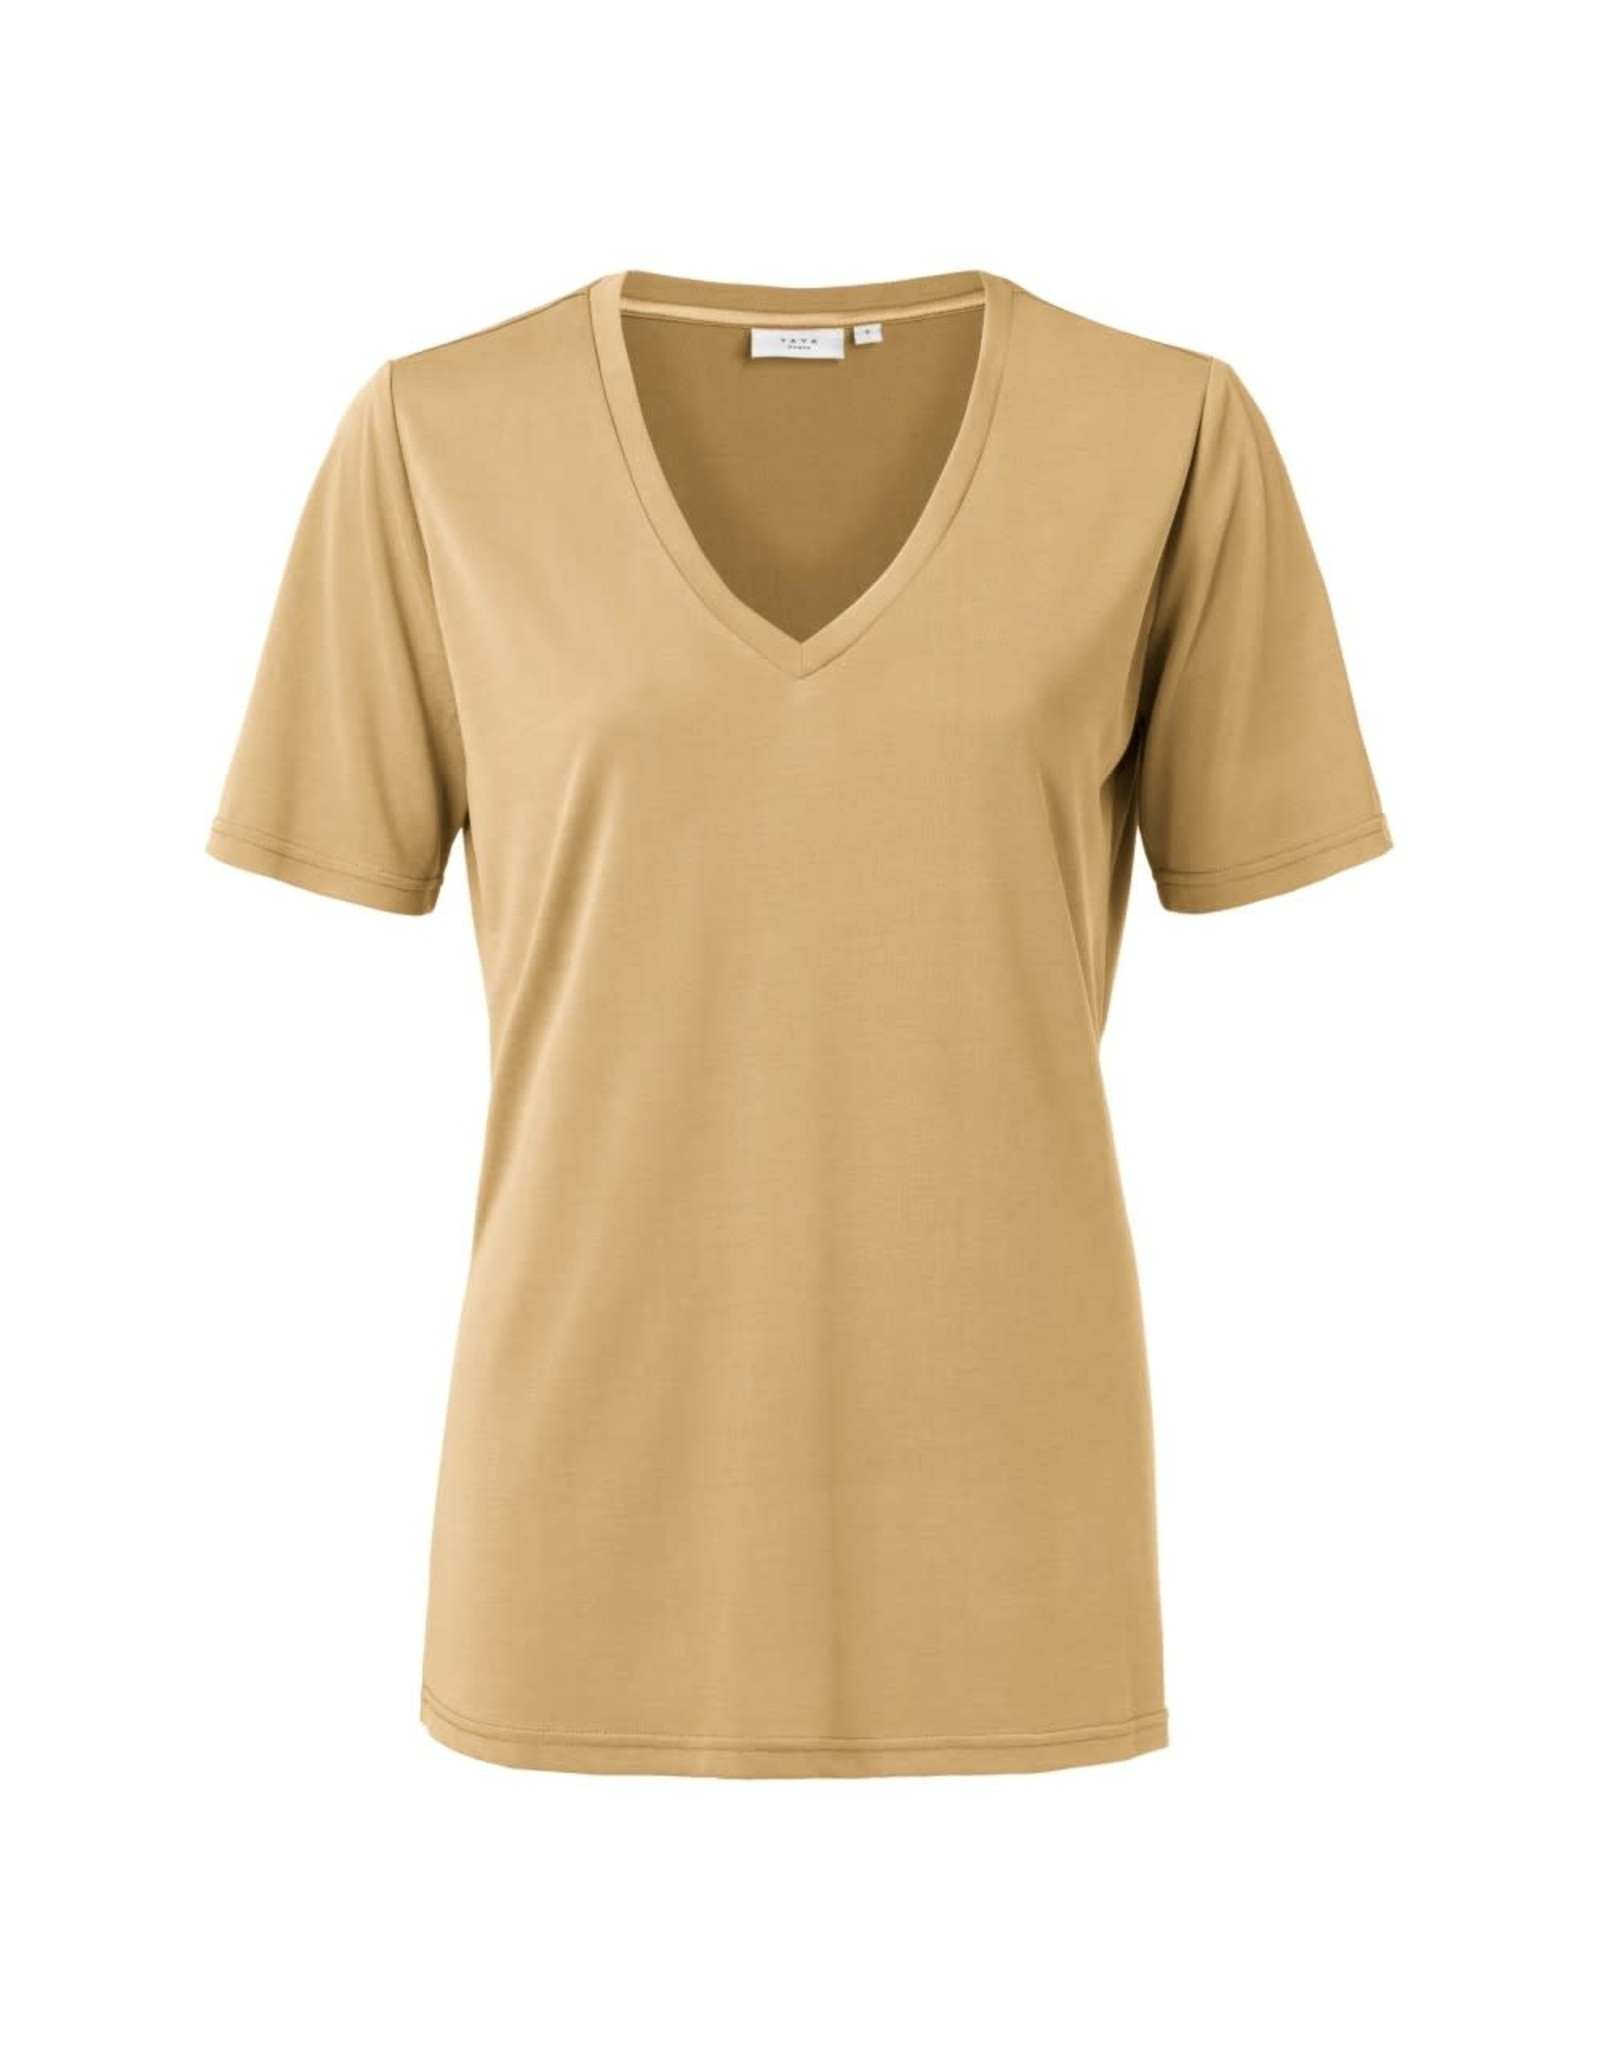 YaYa 1919121 T-shirt Dusty oker